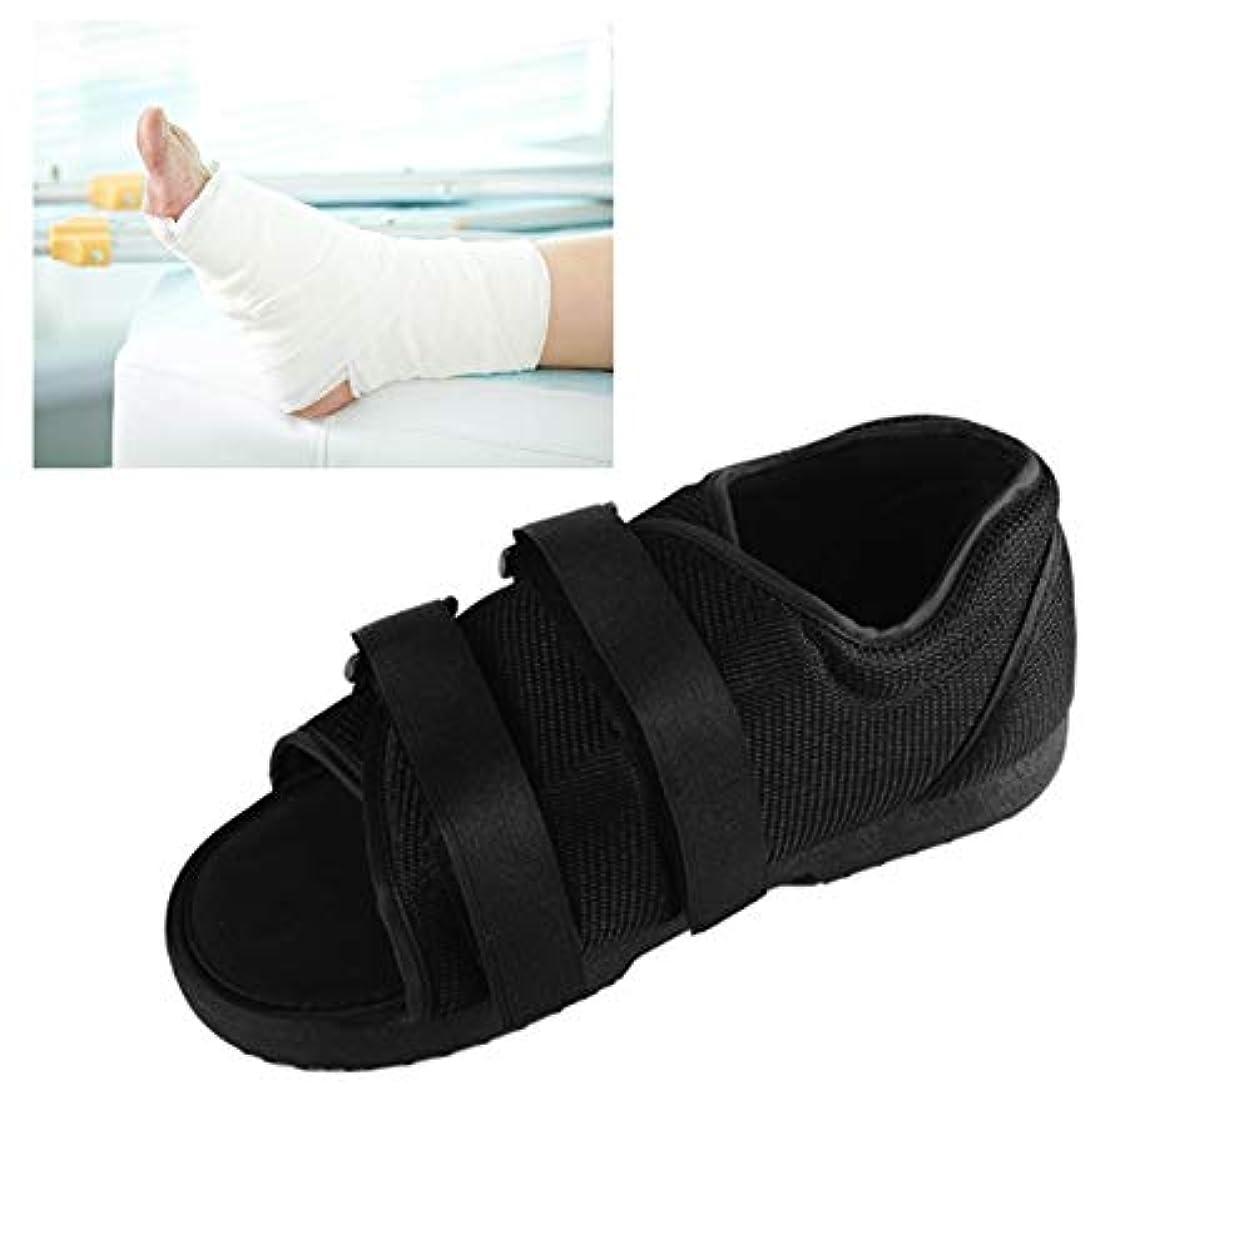 偽物電池キャプション傷害後の外科的リハビリテーションのための医療用キャスト靴術後プラスター靴ウォーキングブーツ骨折治癒足靴,30cm1pc